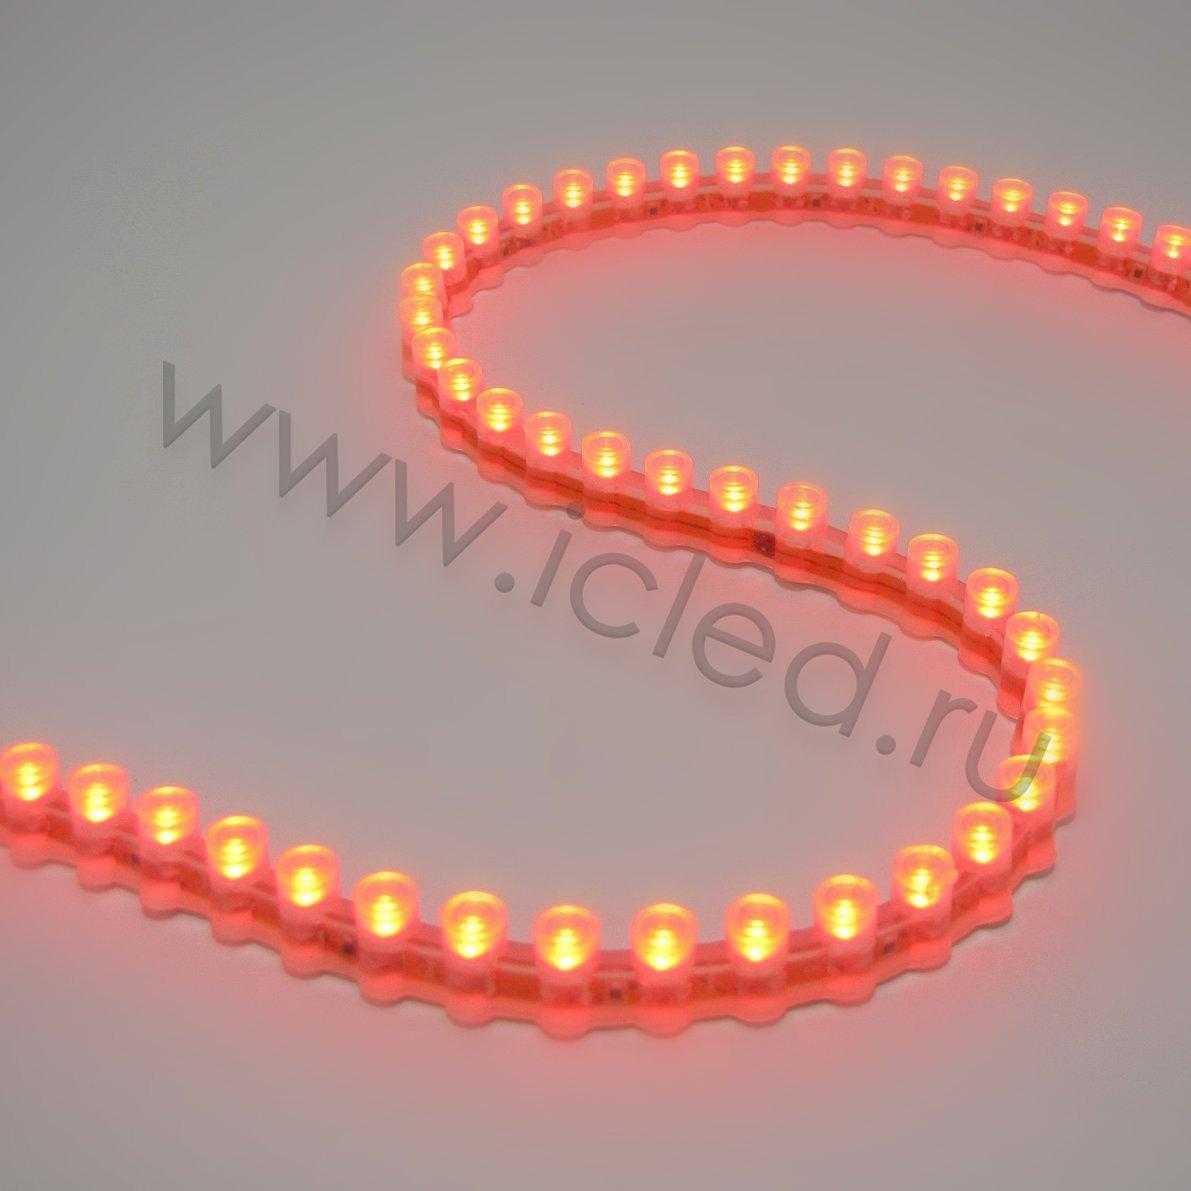 Светодиодная лента PVC Class B, 96led/m, Red, 12V, IP65